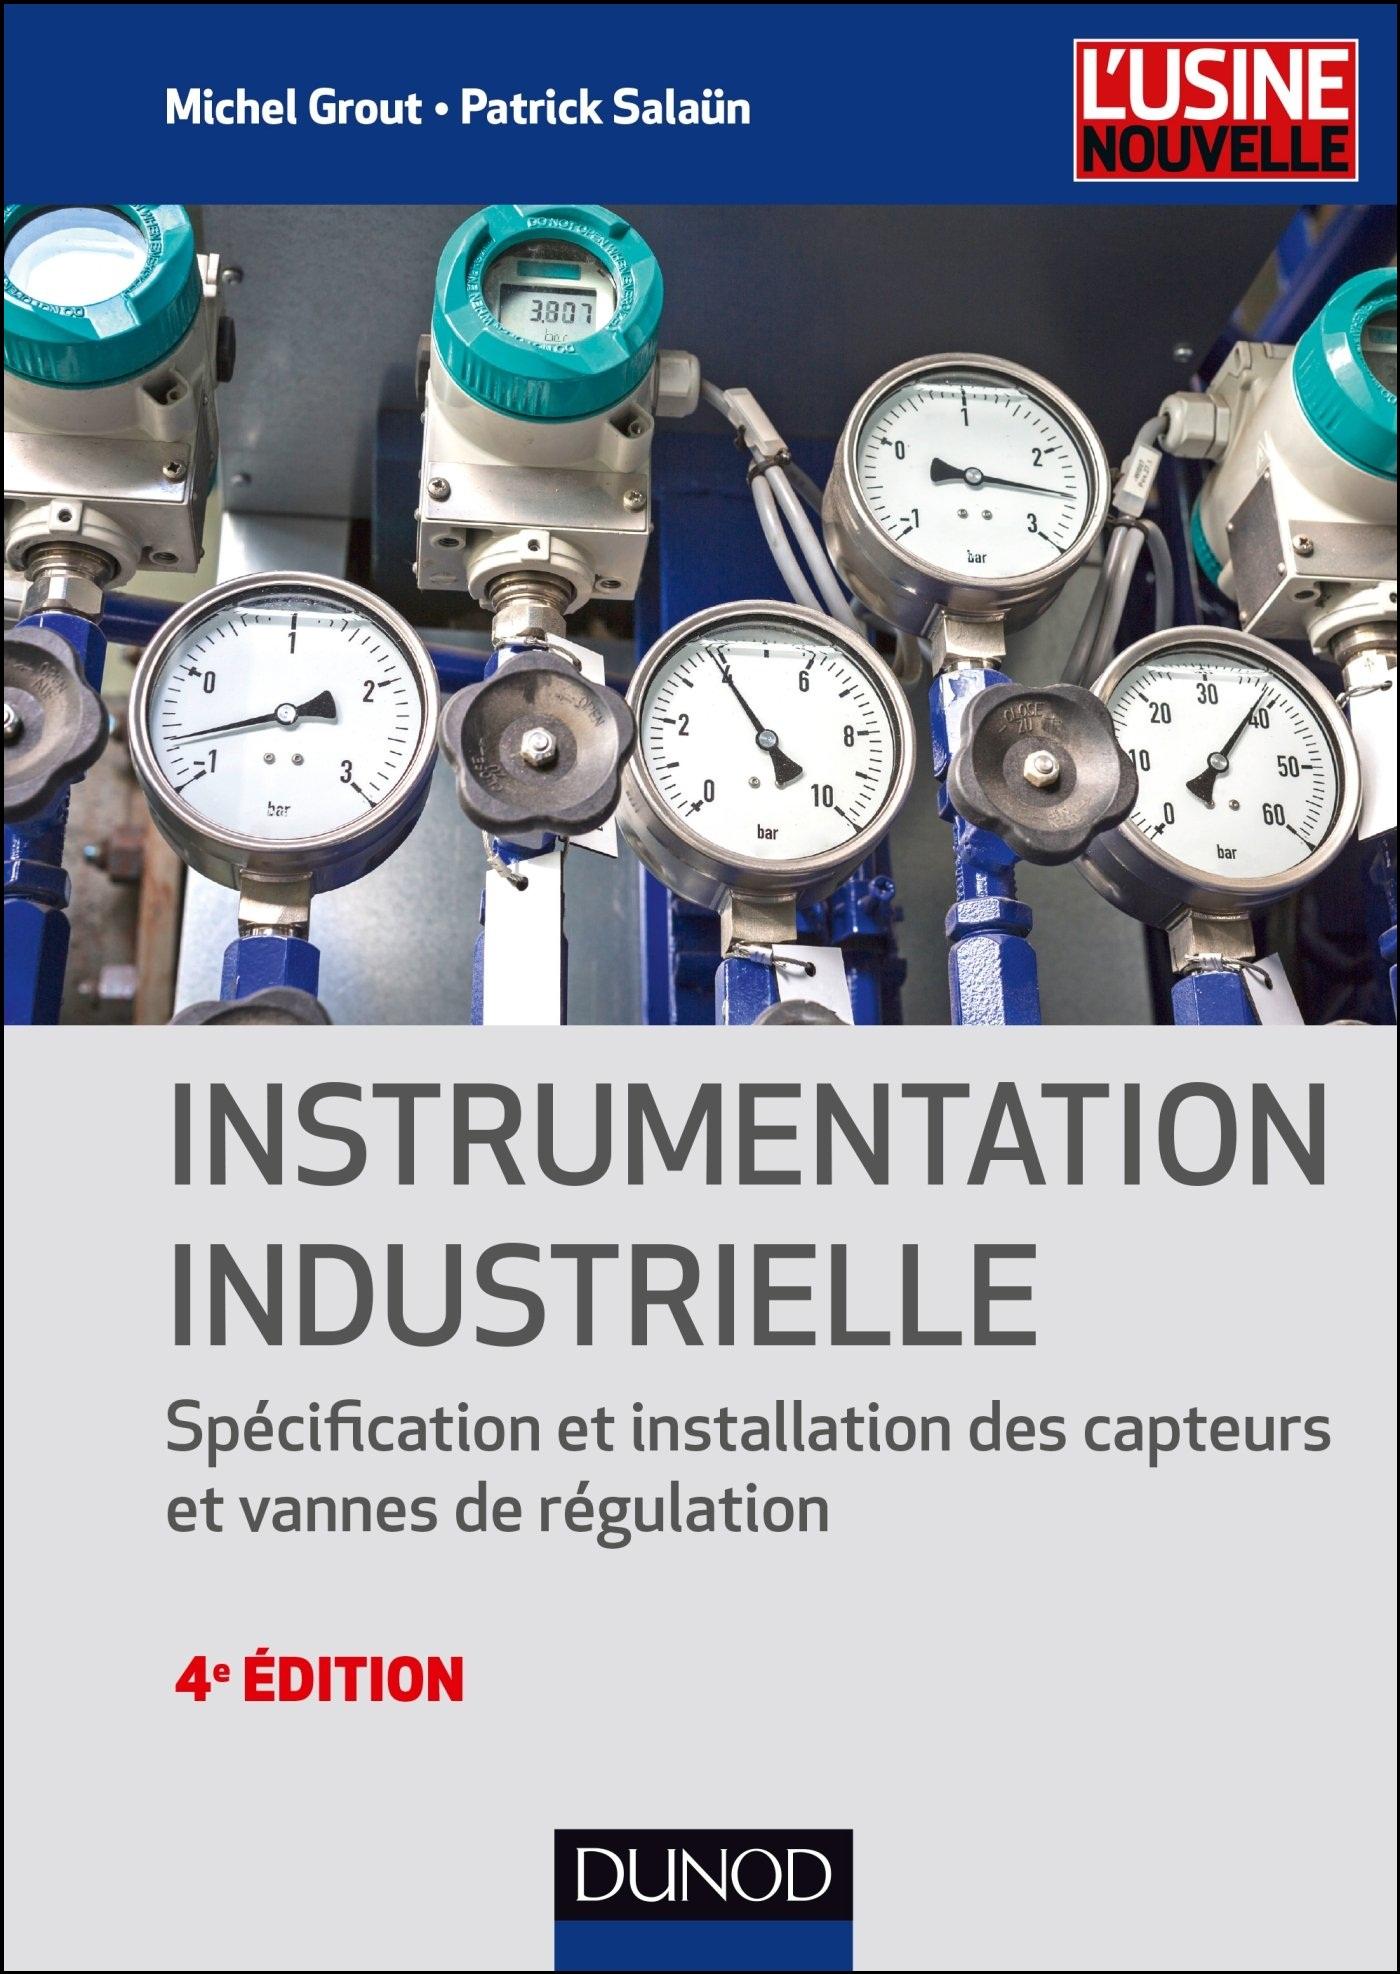 télécharger Instrumentation industrielle : Spécification et installation des capteurs et vannes de régulation